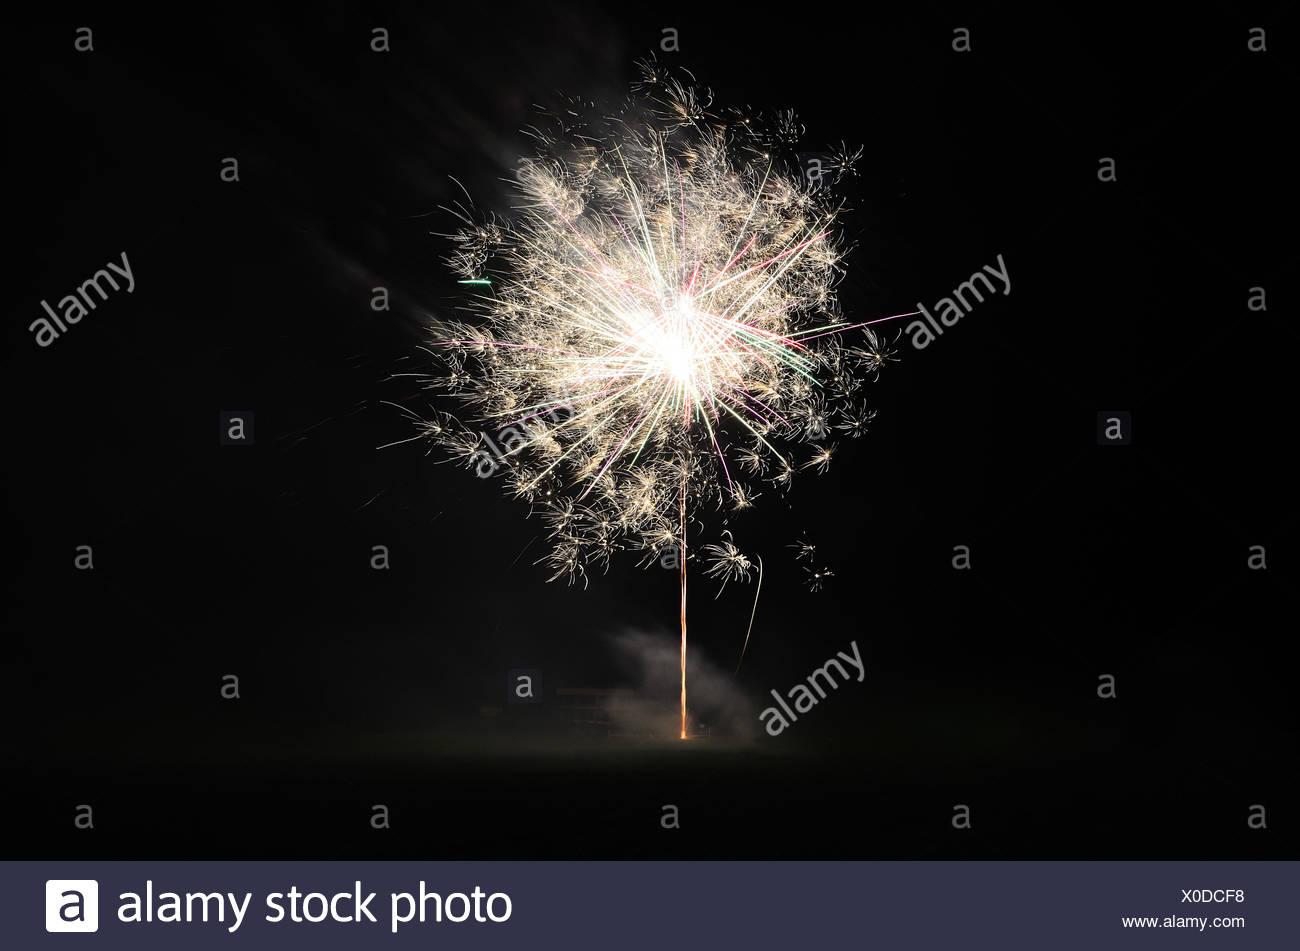 zartes weisses helles feuerwerk in der nacht - Stock Image